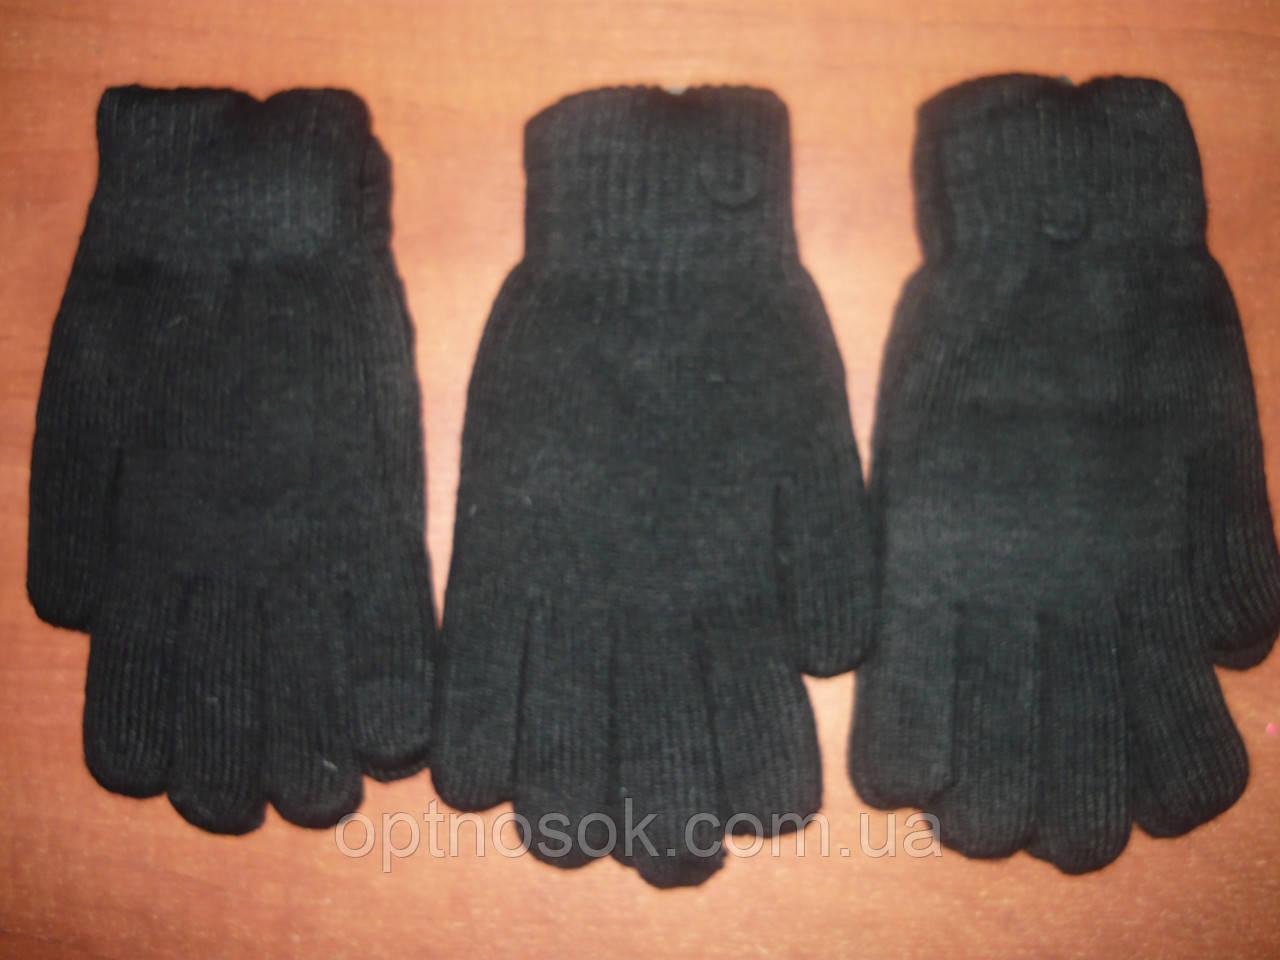 Мужские перчатки на начёсе Корона. Двойные. Чёрные. р. XXL